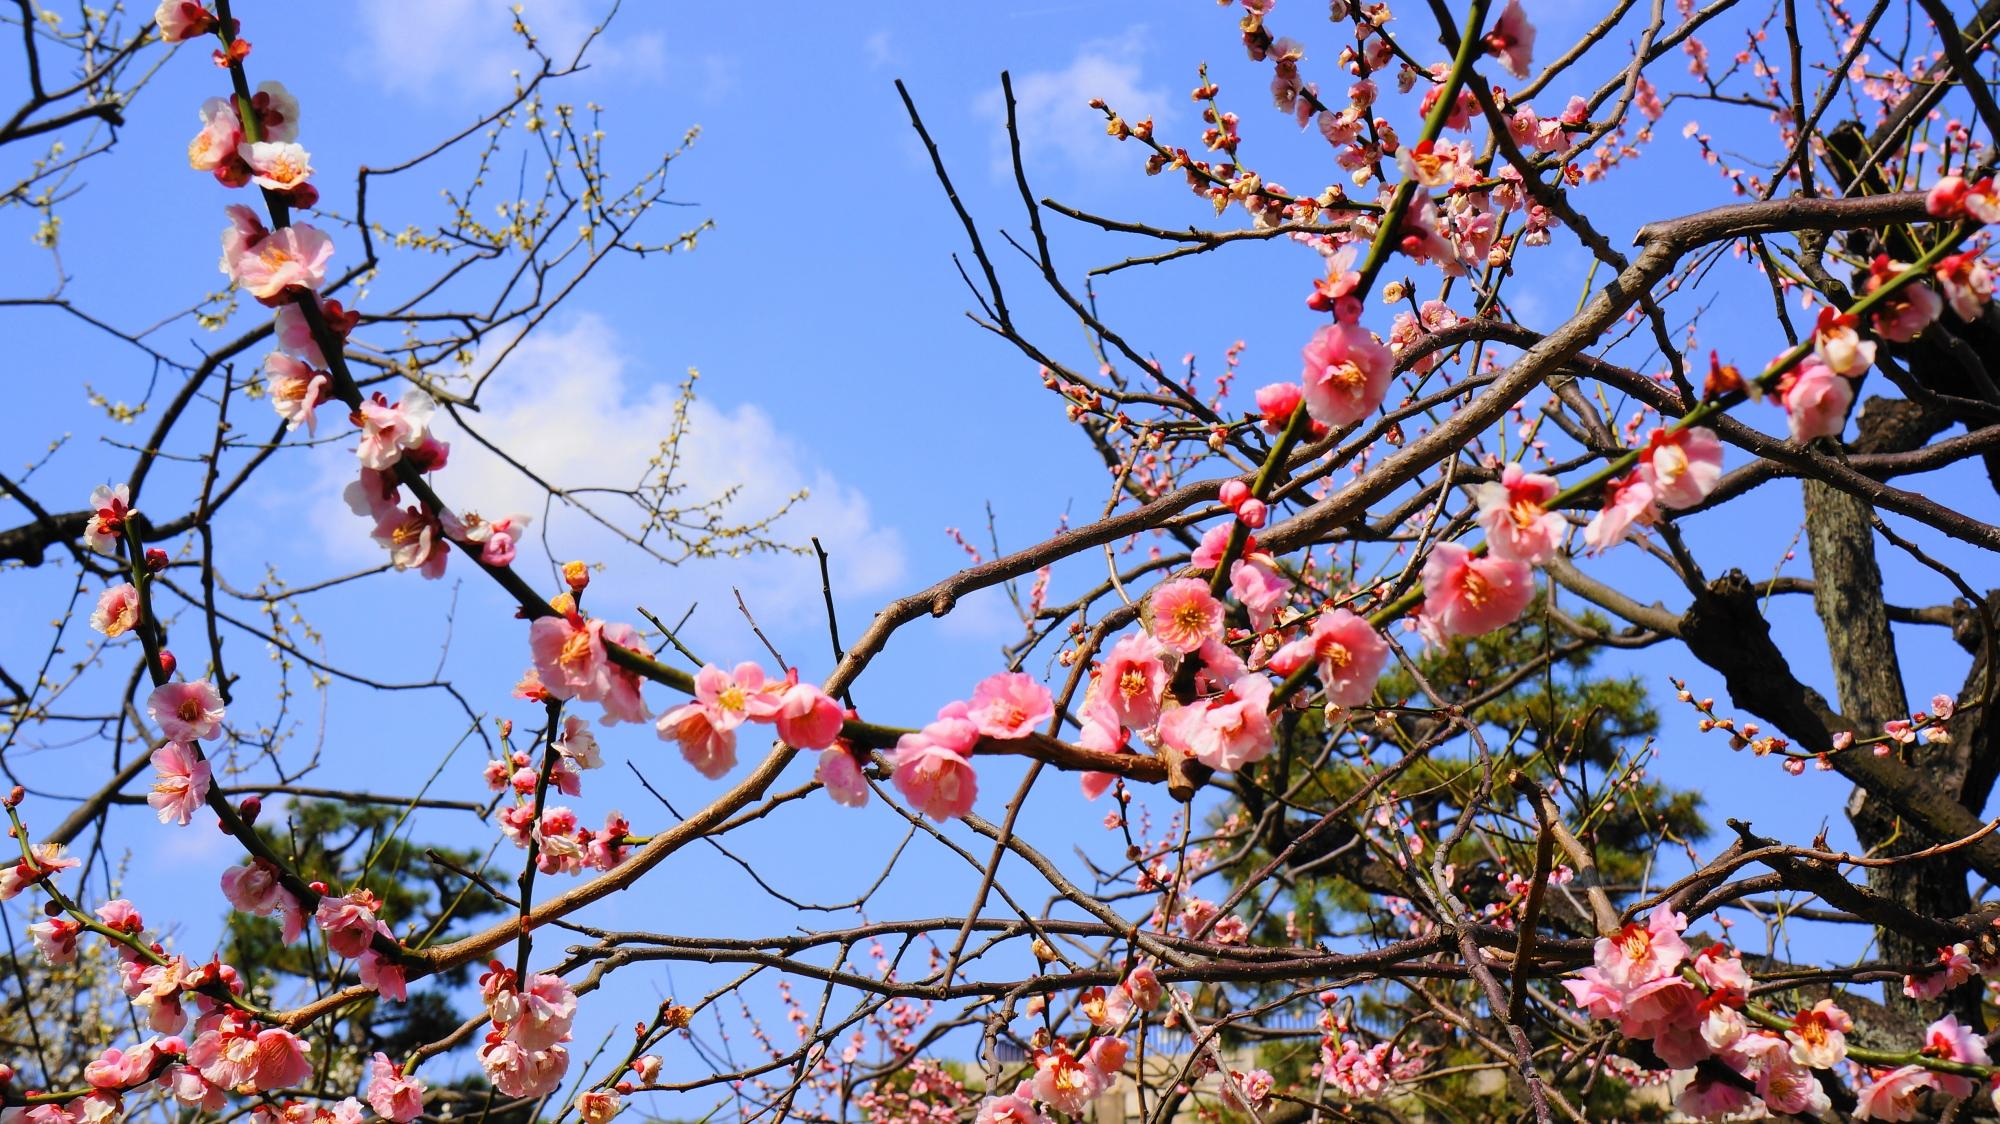 青空をそめる薄いピンクの華やかな梅の花